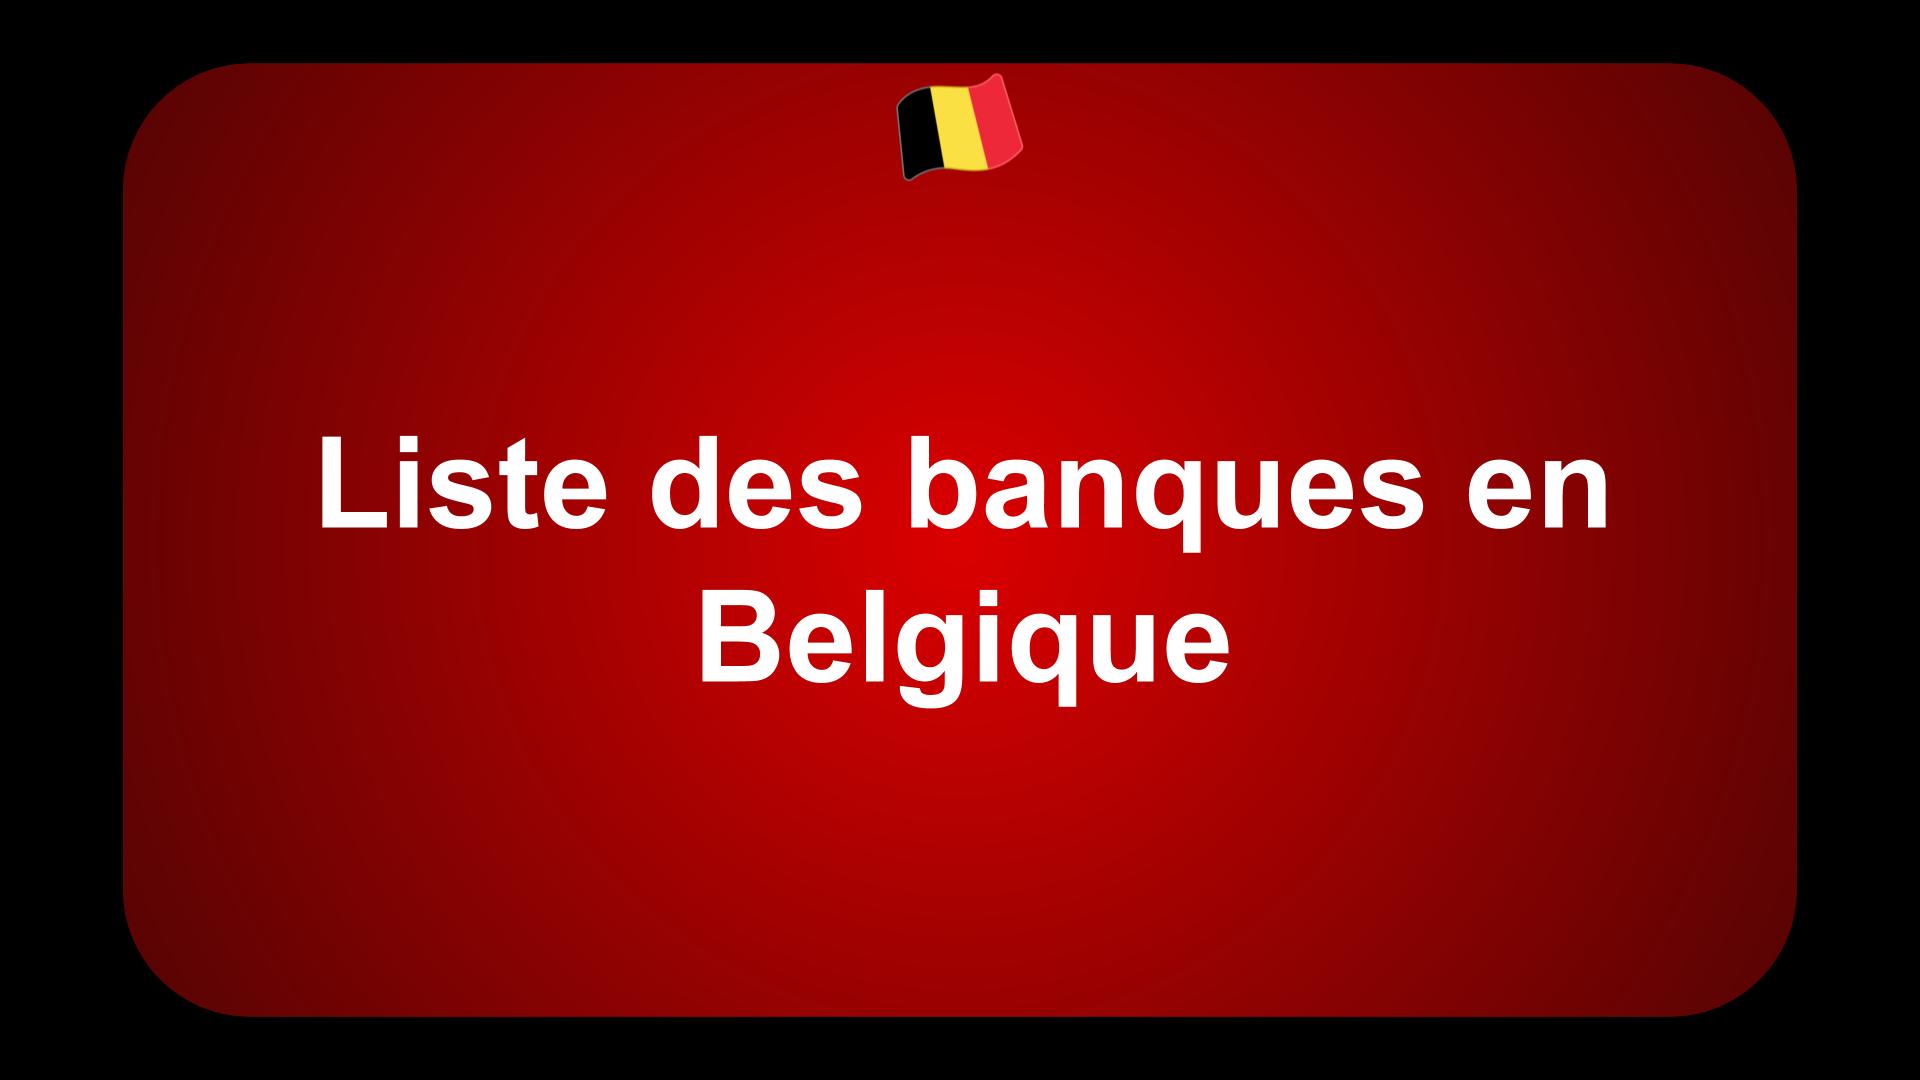 Liste des banques en Belgique